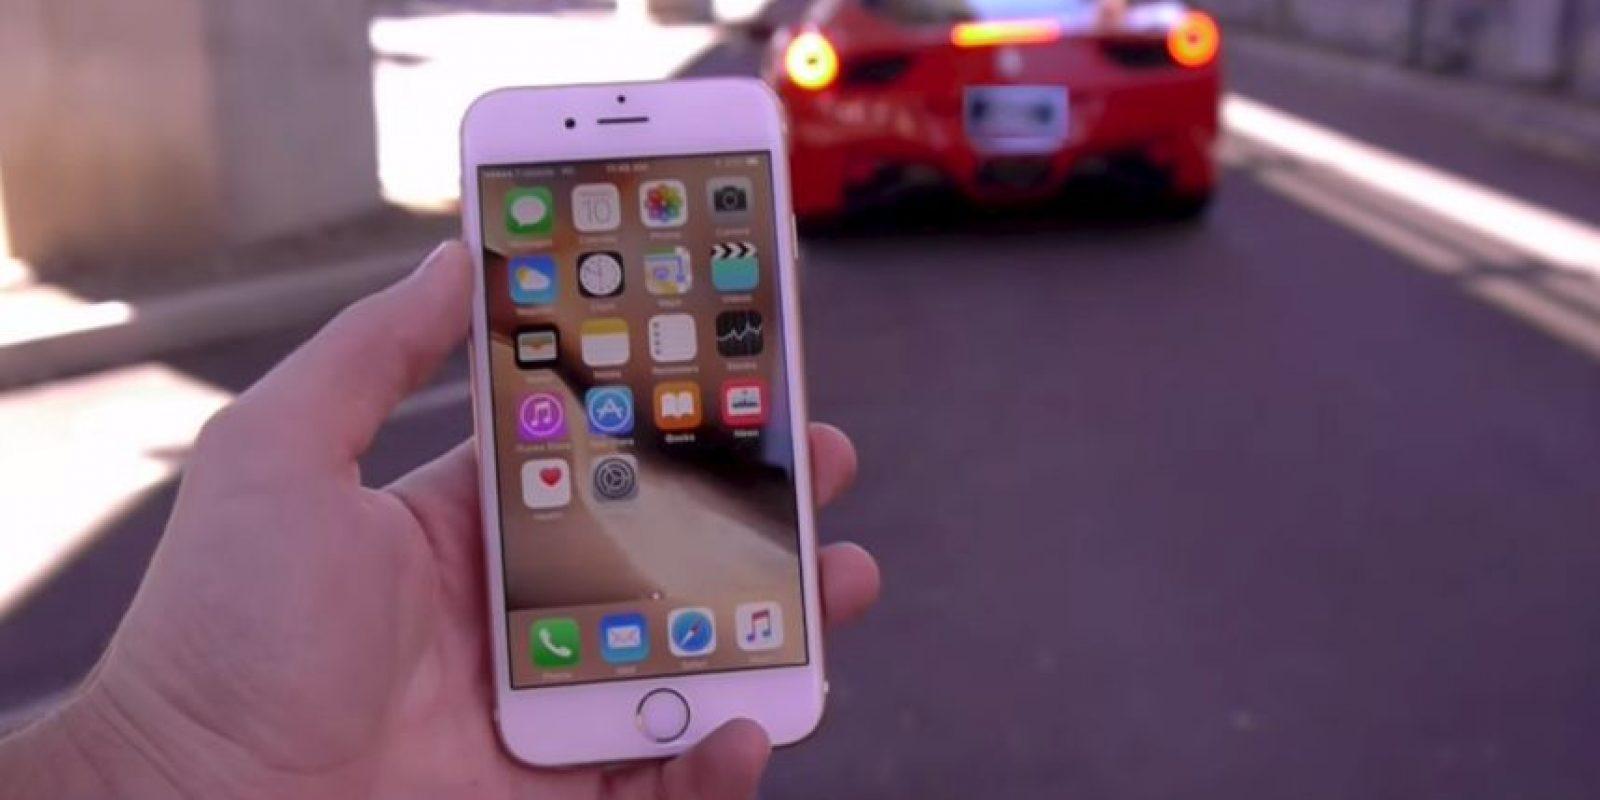 Sin embargo, el iPhone 6s funcionó sin problemas después de la prueba Foto:TechRax/YouTube